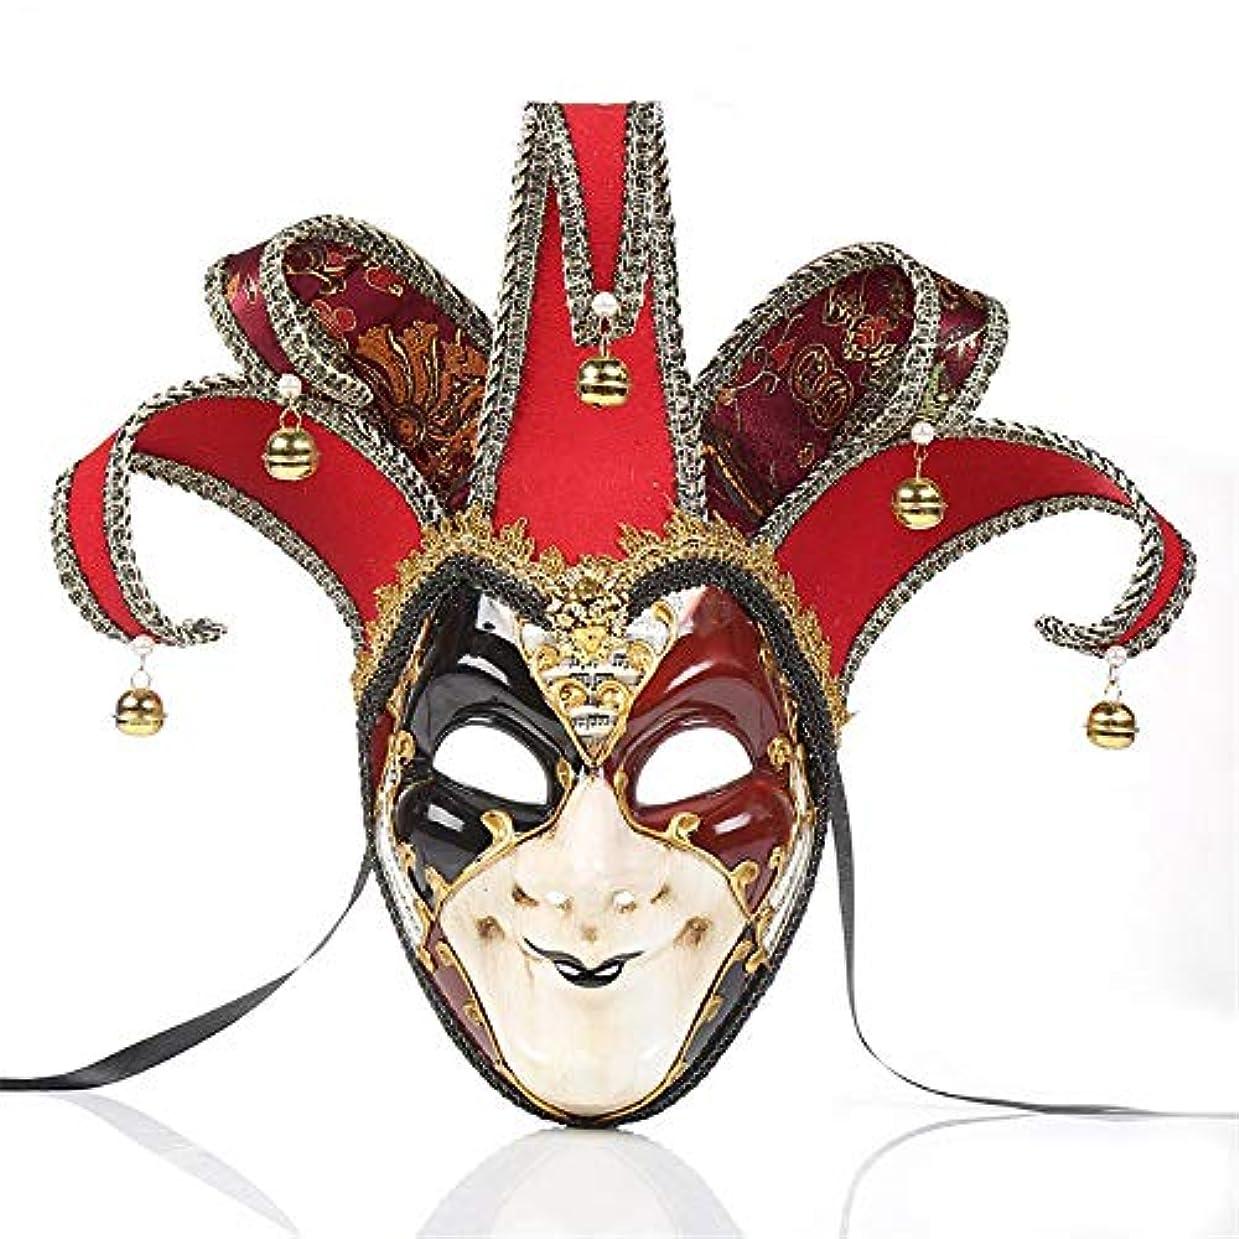 金銭的勇気牛肉ダンスマスク ピエロマスクハロウィーンパフォーマンスパフォーマンス仮面舞踏会雰囲気用品祭りロールプレイングプラスチックマスク ホリデーパーティー用品 (色 : 赤, サイズ : 39x33cm)